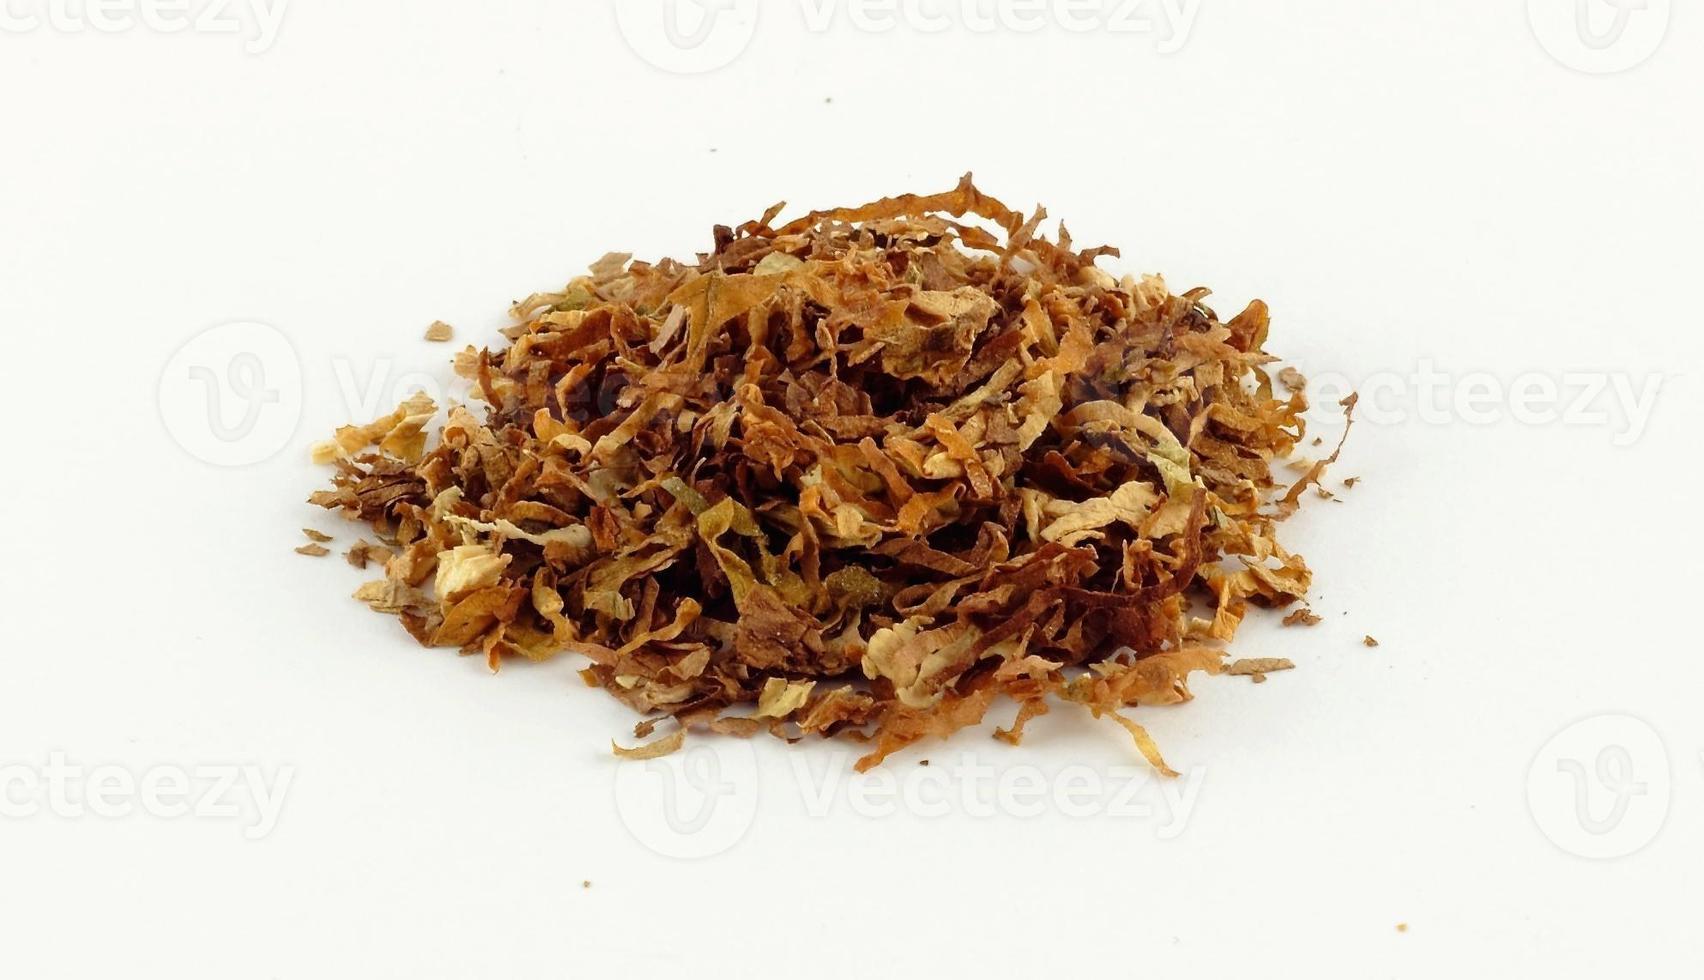 tabak van een sigaret foto